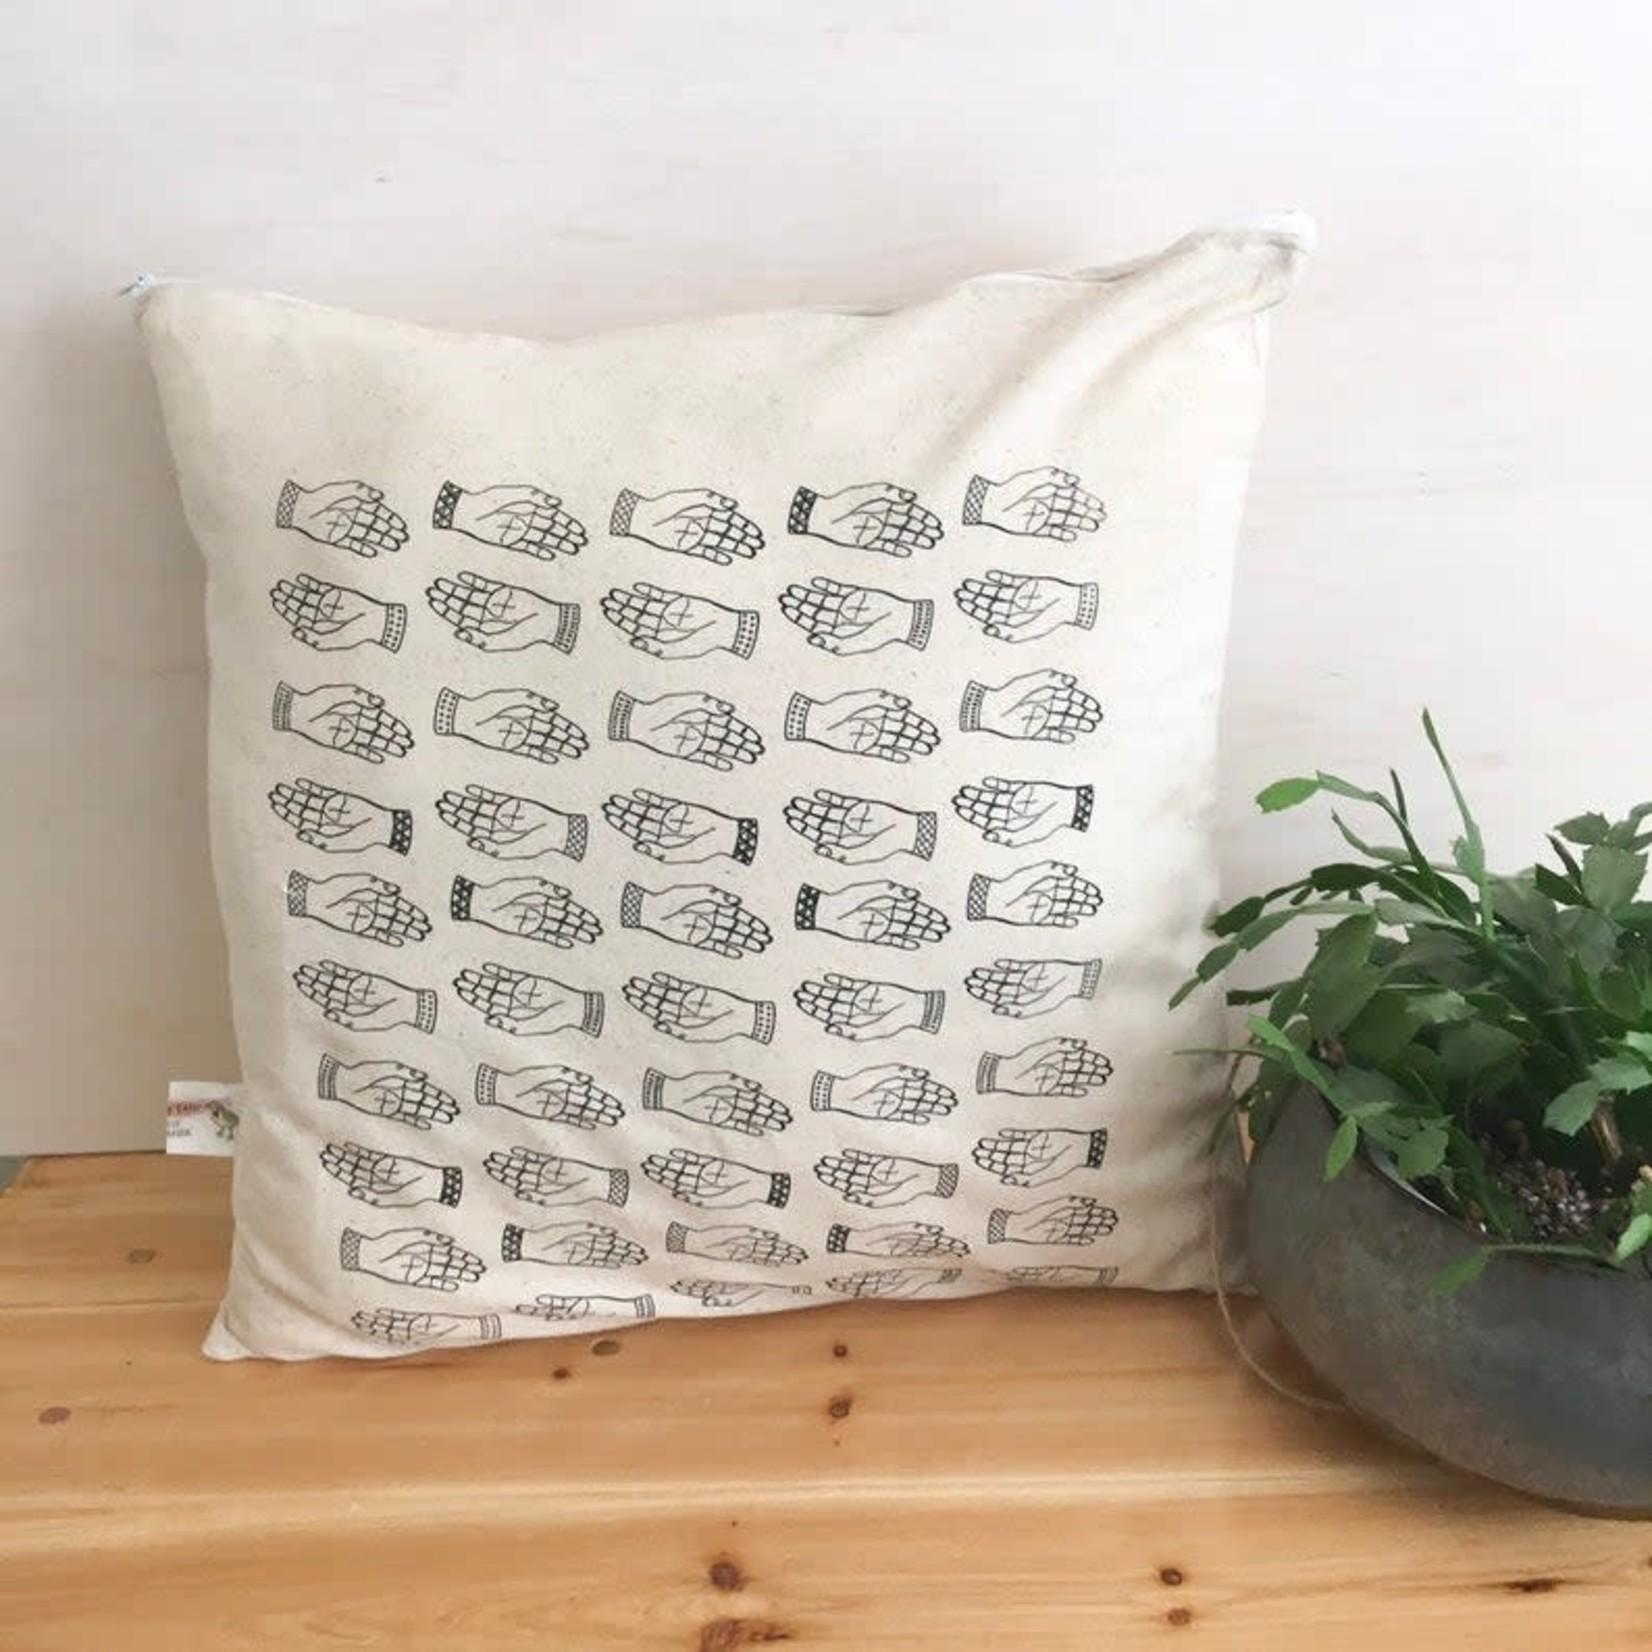 Yay Hooray Yay Hooray Pillow Cover